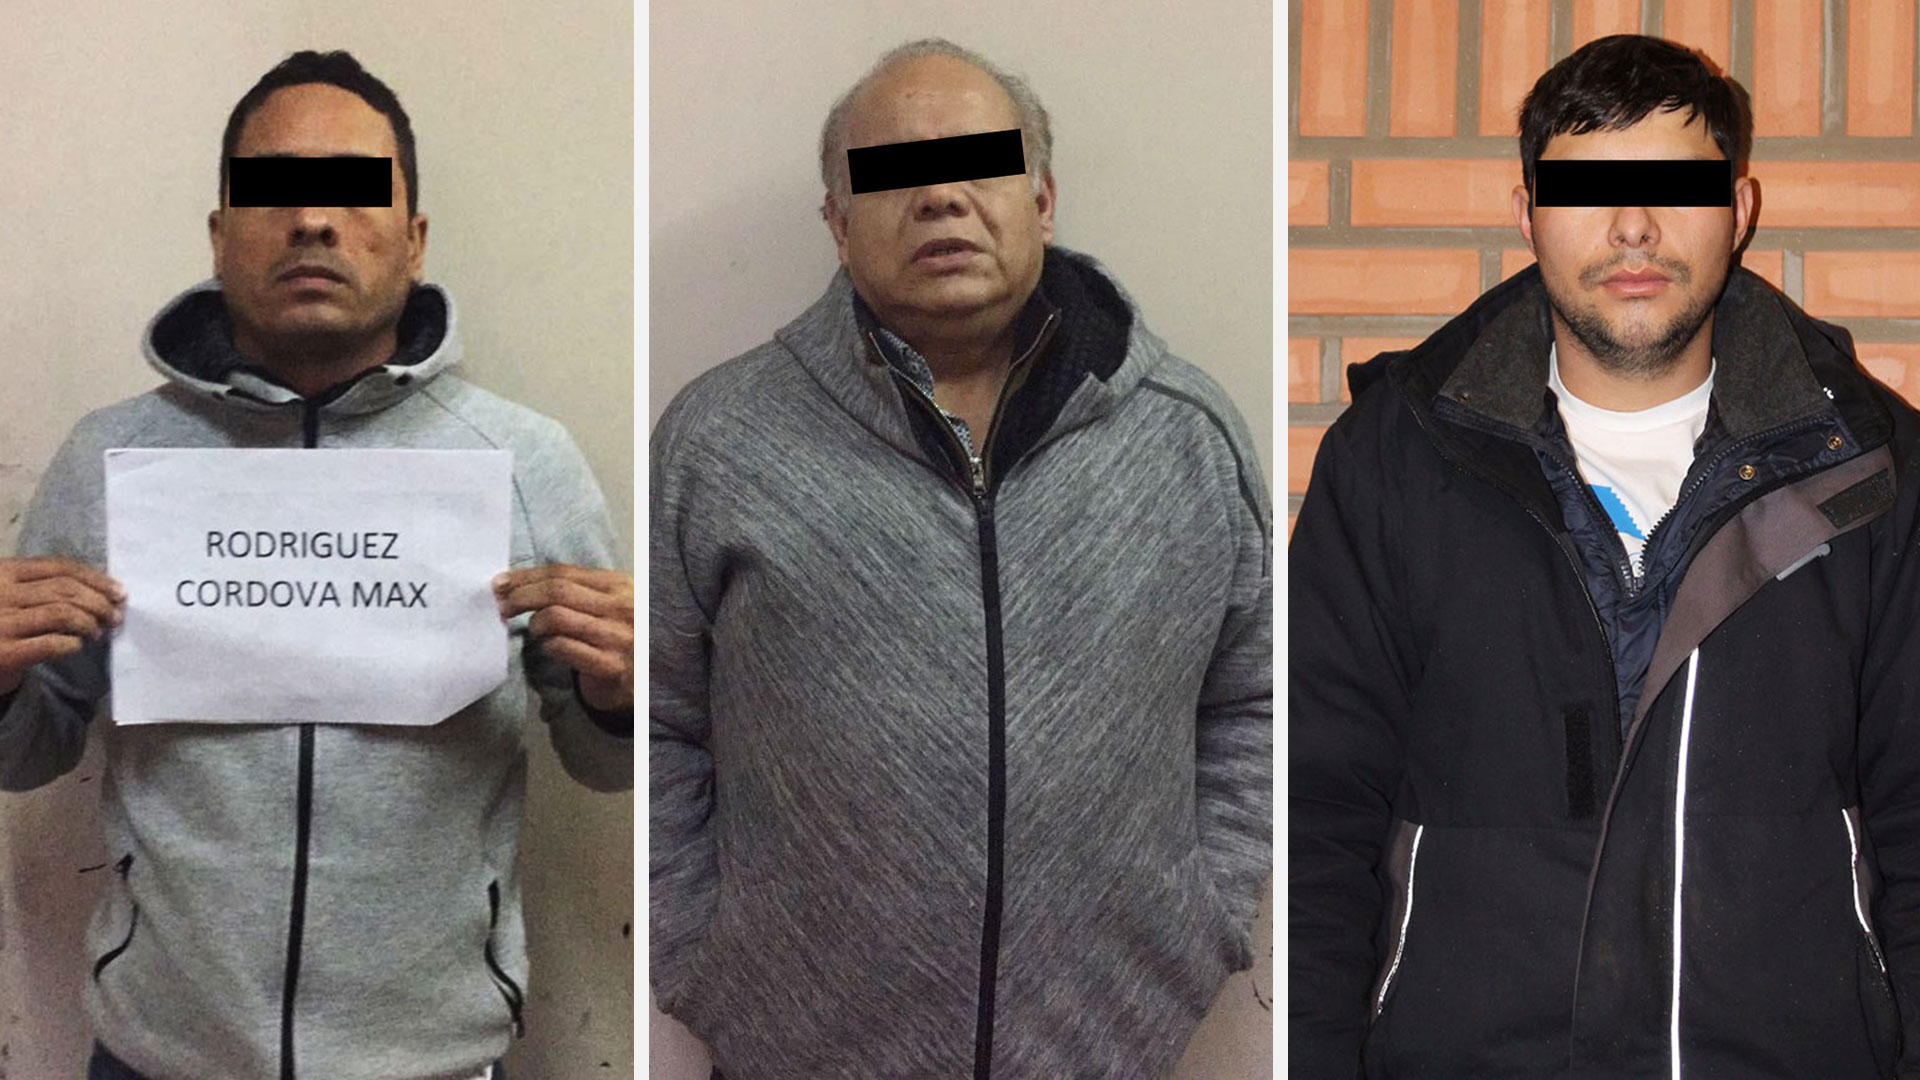 Max Rodríguez, Rodrigo Naged y Jesús Madrigal, los mexicanos detenidos en la trama.